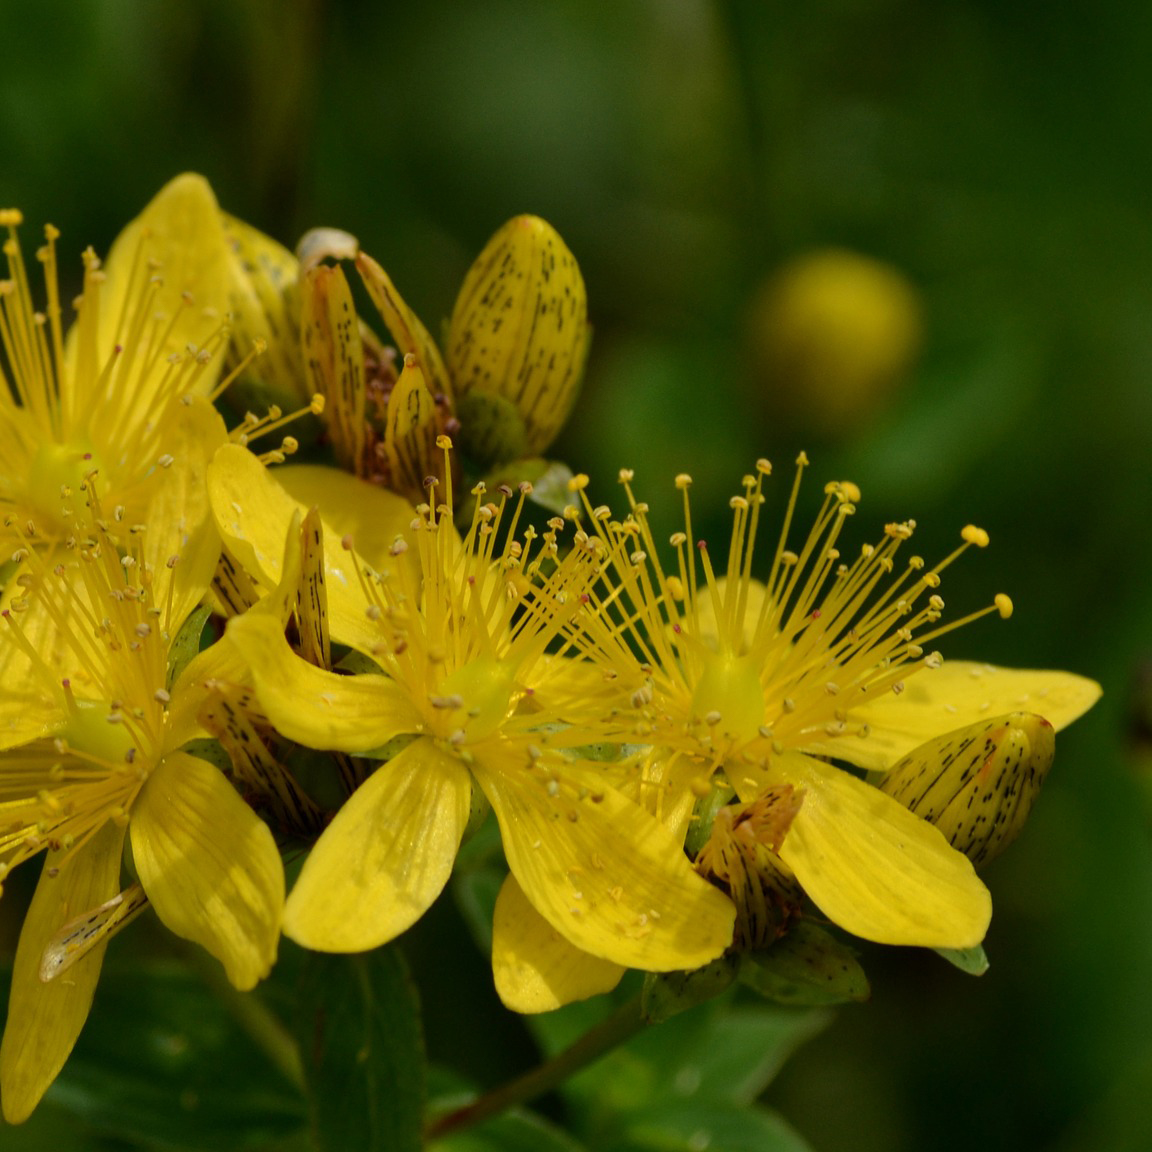 Johanniskraut gelbe Blumen mit grünem Hintergrund